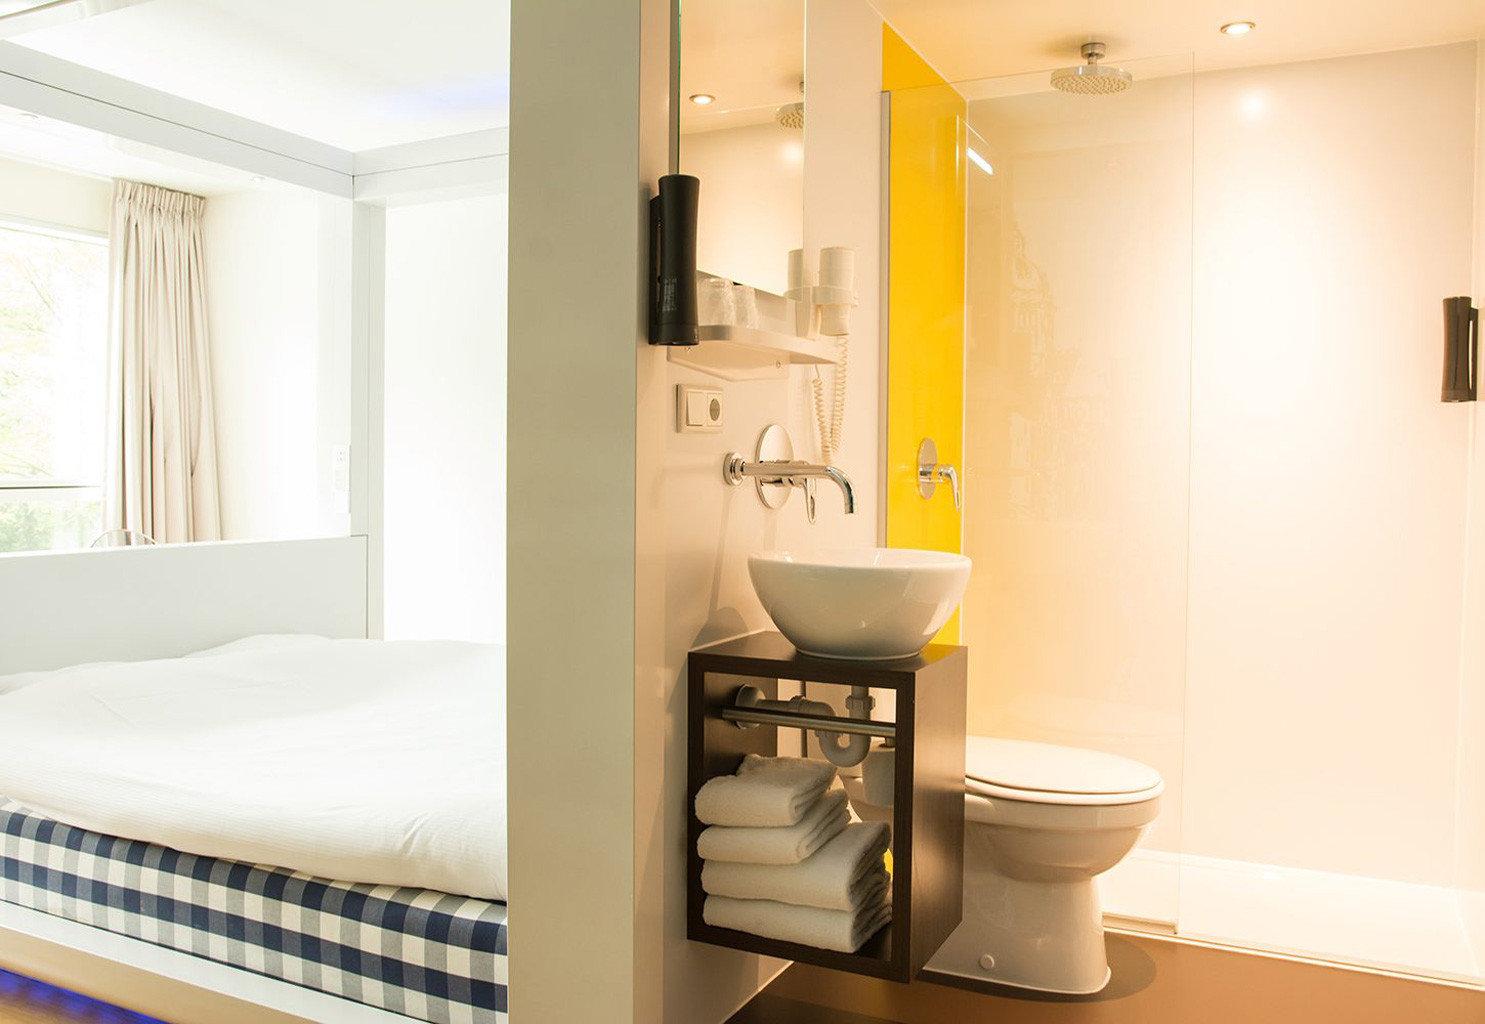 bathroom property Suite home plumbing fixture